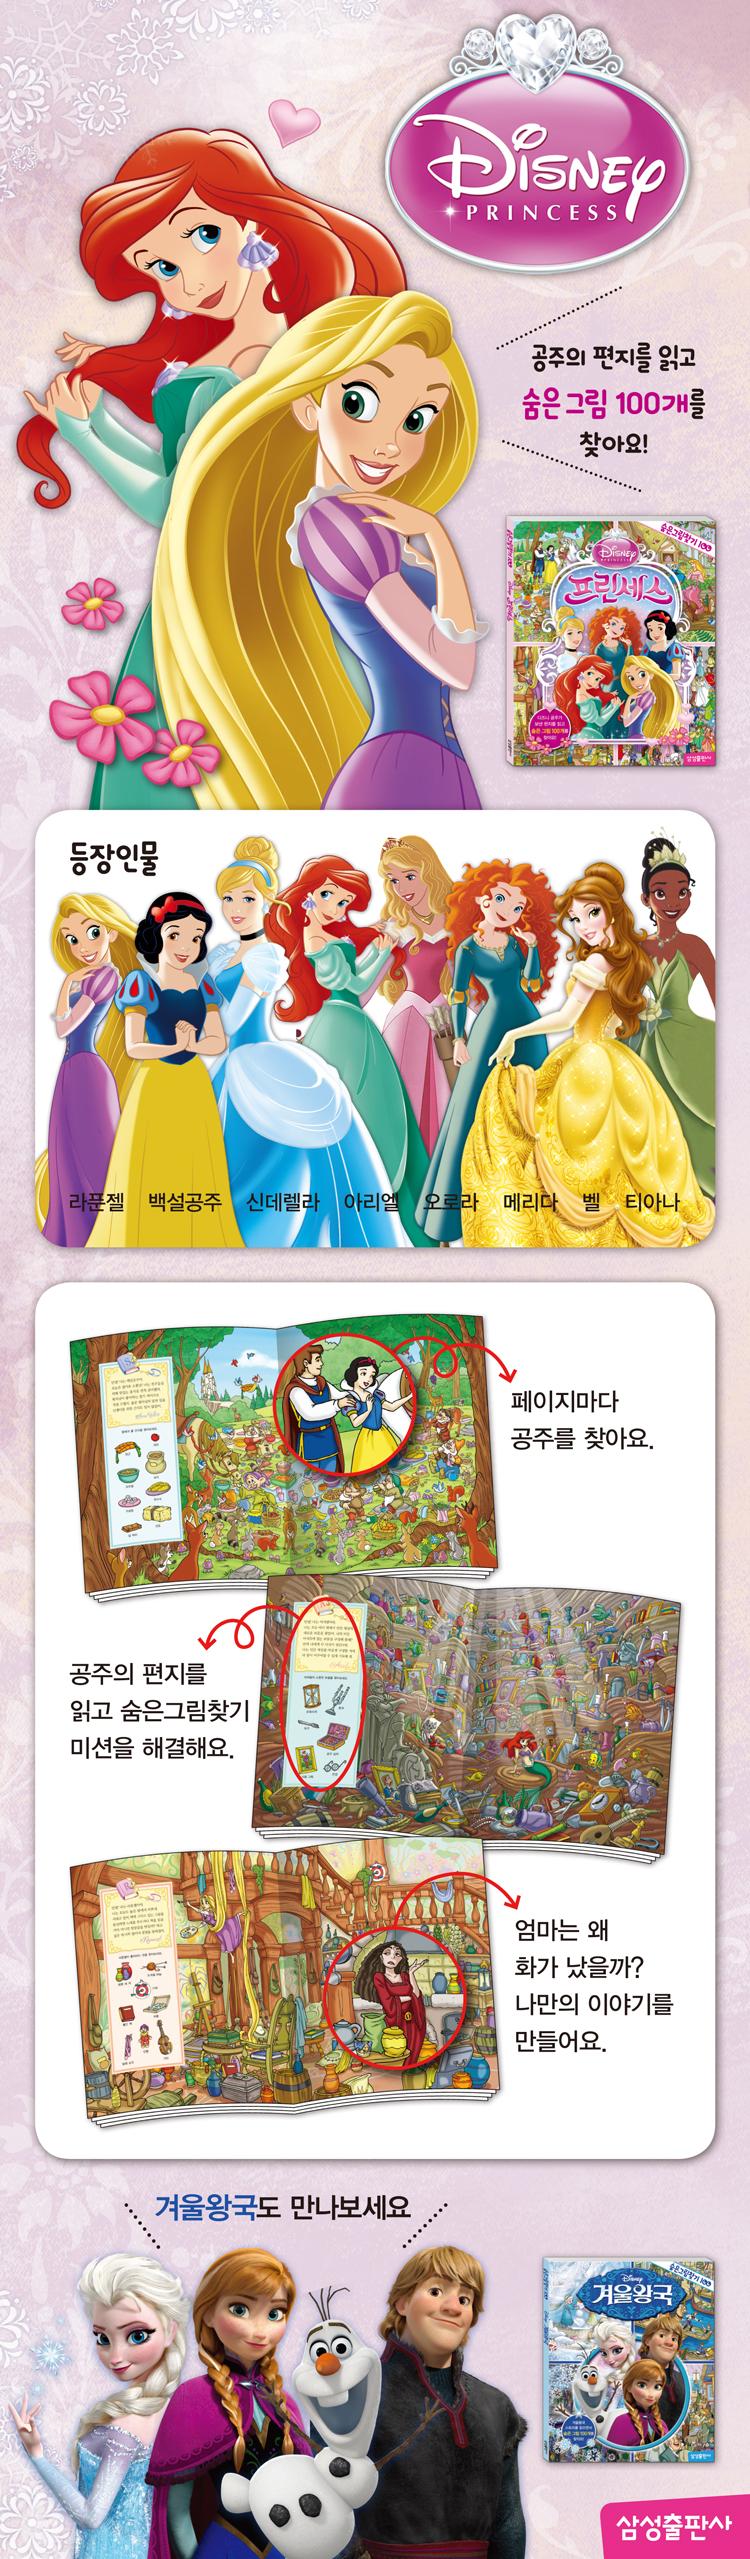 삼성출판사 디즈니 숨은그림찾기 100 2권 세트 (겨울왕국,프린세스)